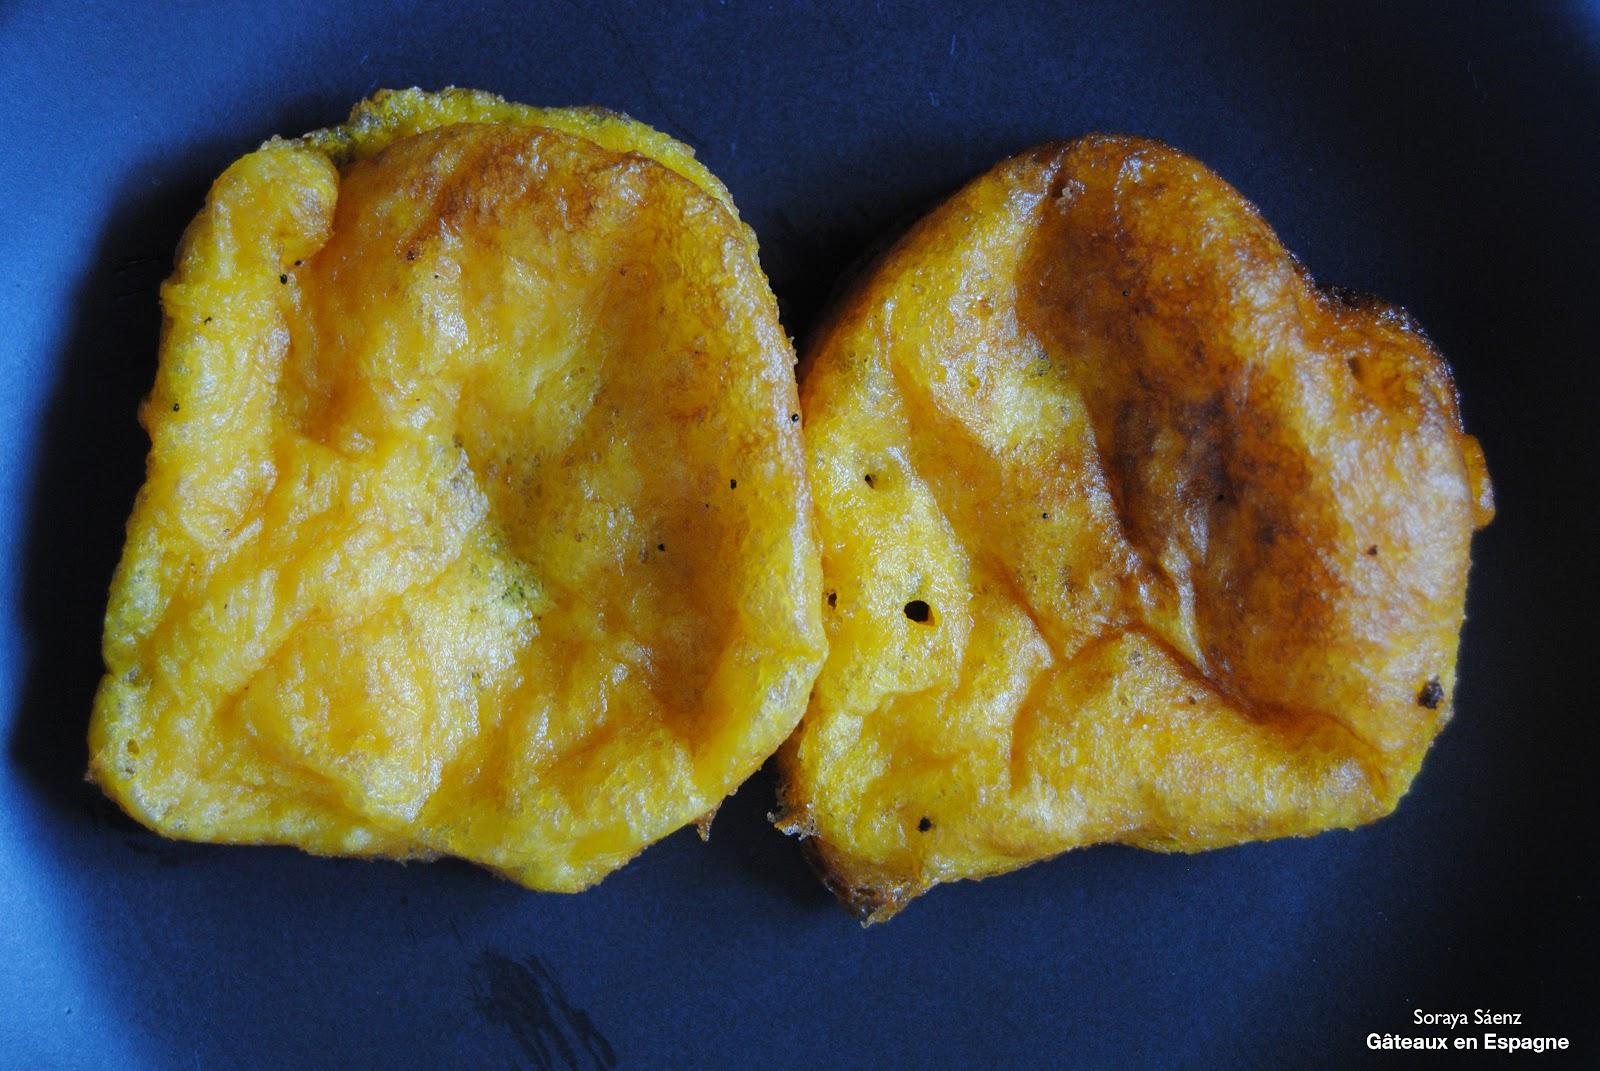 G teaux en espagne beignets de citrouille un dessert espagnol pour f ter la toussaint - Recette typique espagnole ...